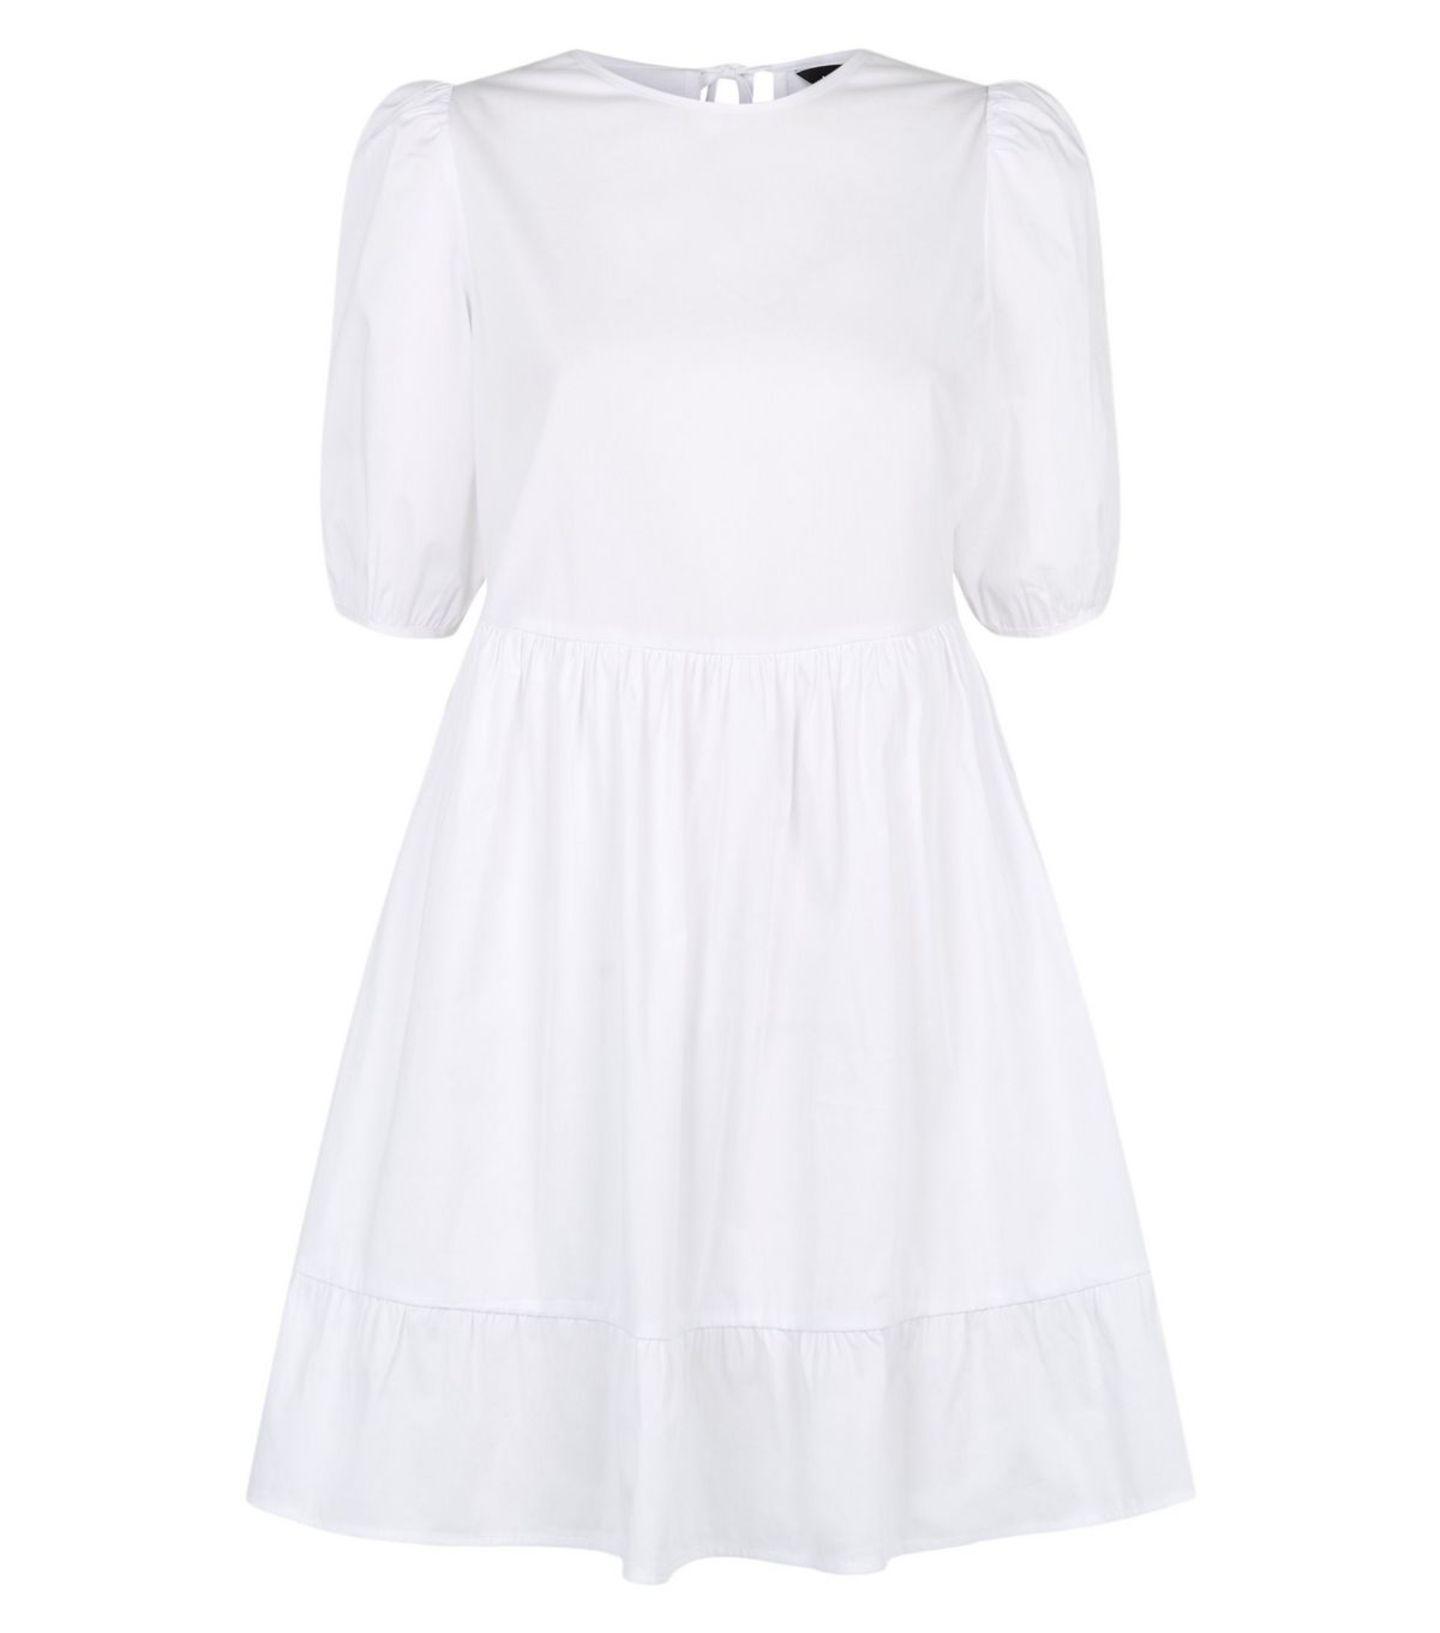 Ein weißes Kleid mit Puffärmeln gehört diesen Frühling zur Grundausstattung – dieser Schnapper von New Look wandert deswegen schnurstracks in unseren virtuellen Einkaufswagen. Um 23 Euro.